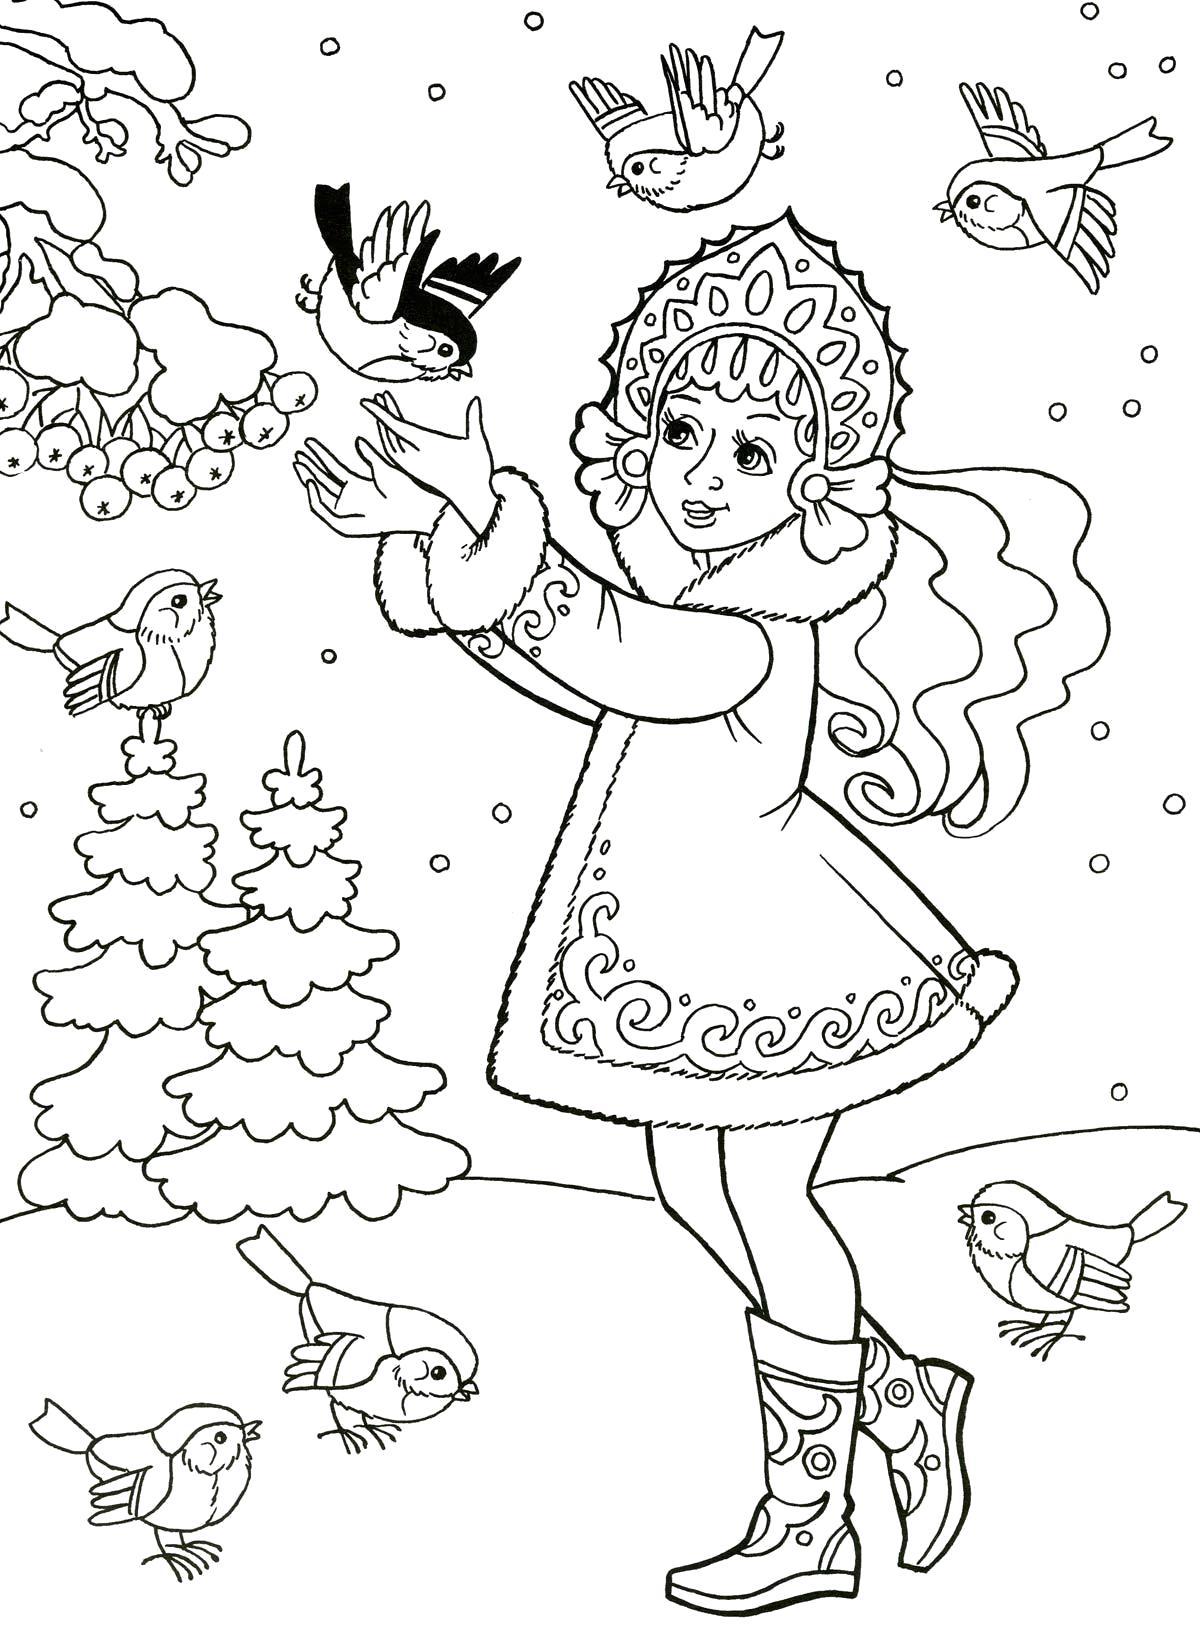 Раскраска Снегурочка кормит птиц в зимнем лесу. Скачать снегурочка.  Распечатать Снегурочка